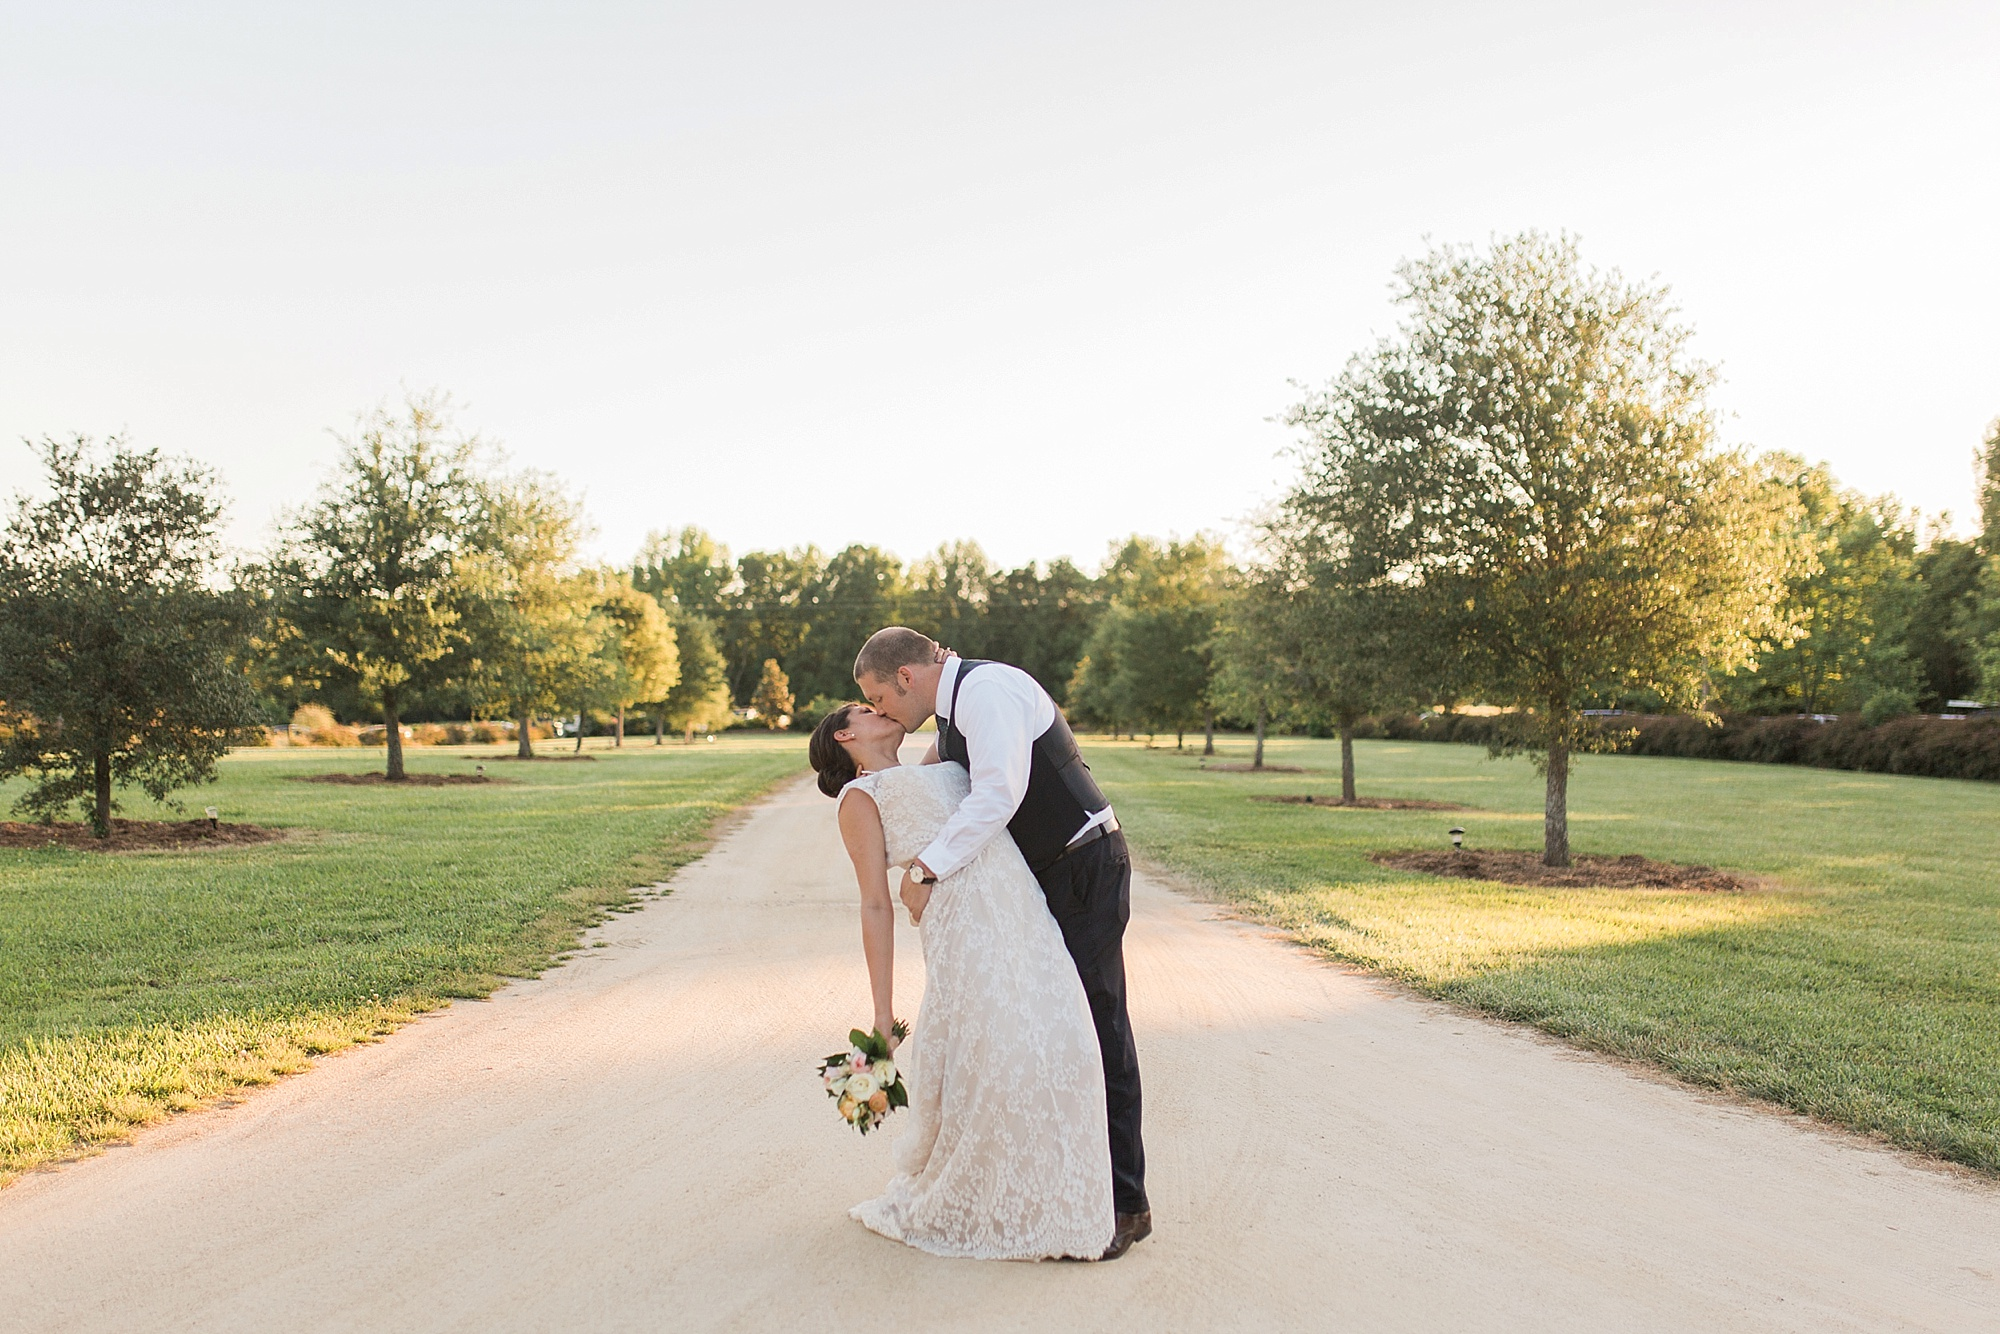 Mebane NC Wedding Photographer